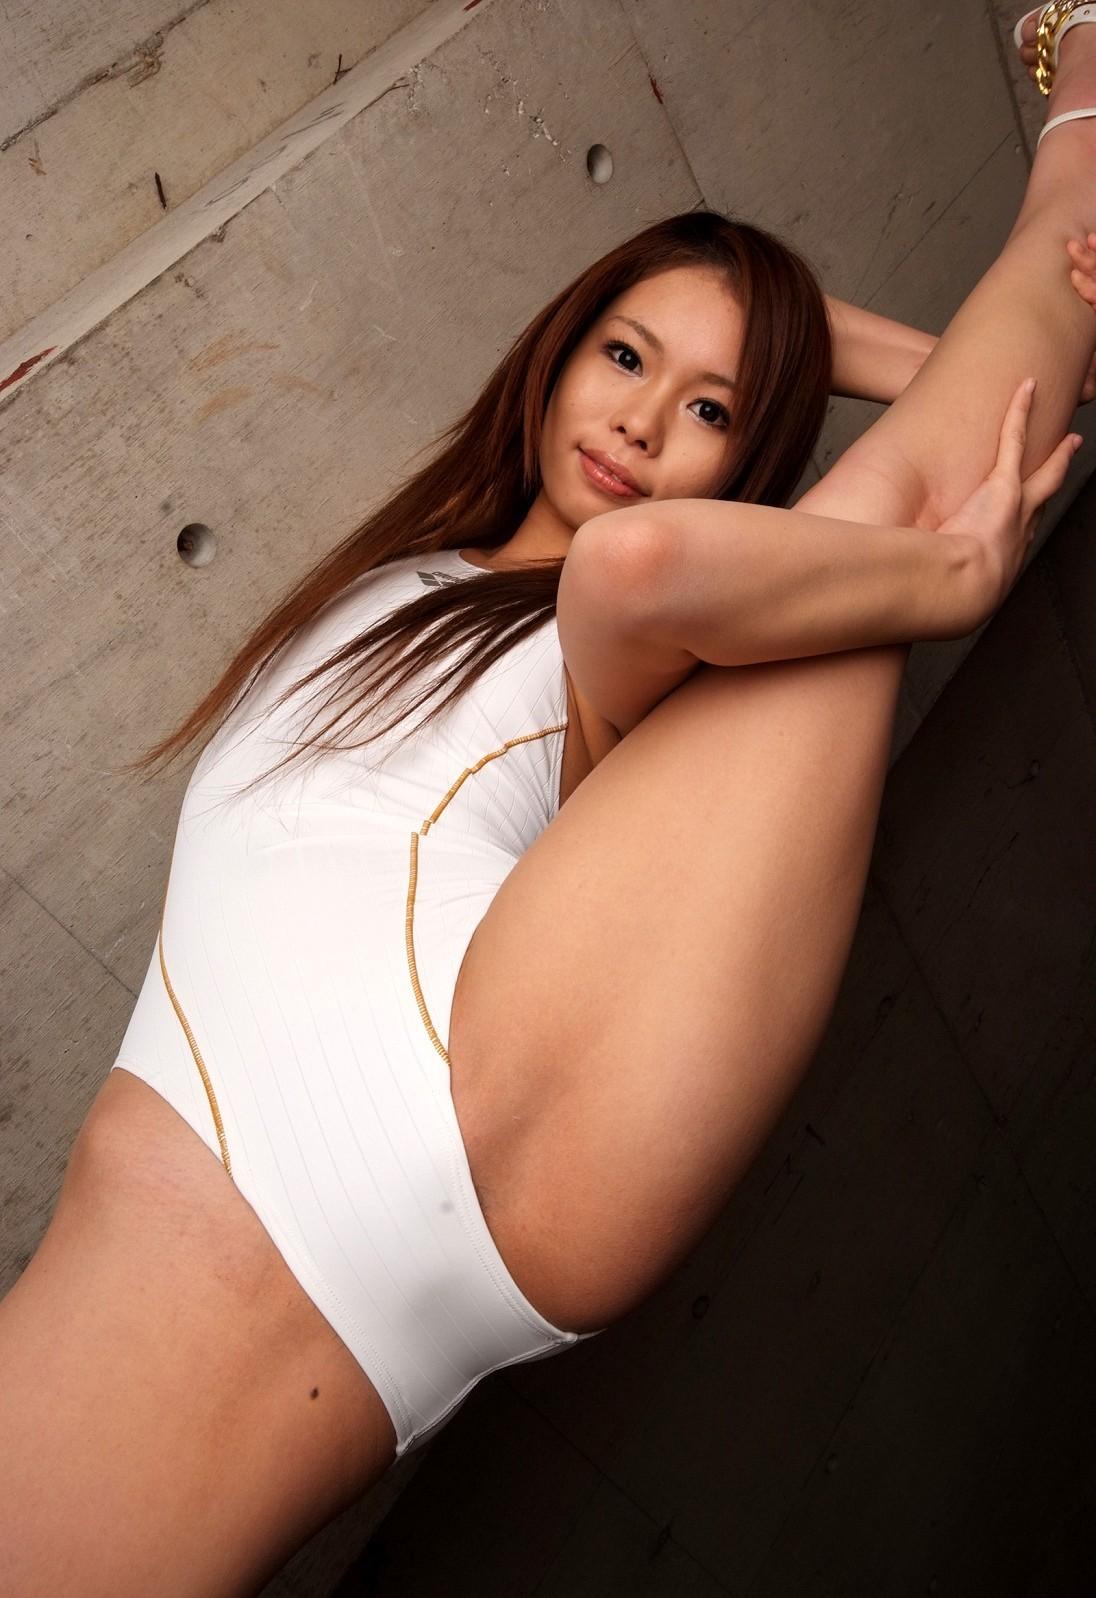 【軟体エロ画像】試せる体位は全部ヤリたいw奥深くまでハメられそうな軟らか女体www 04